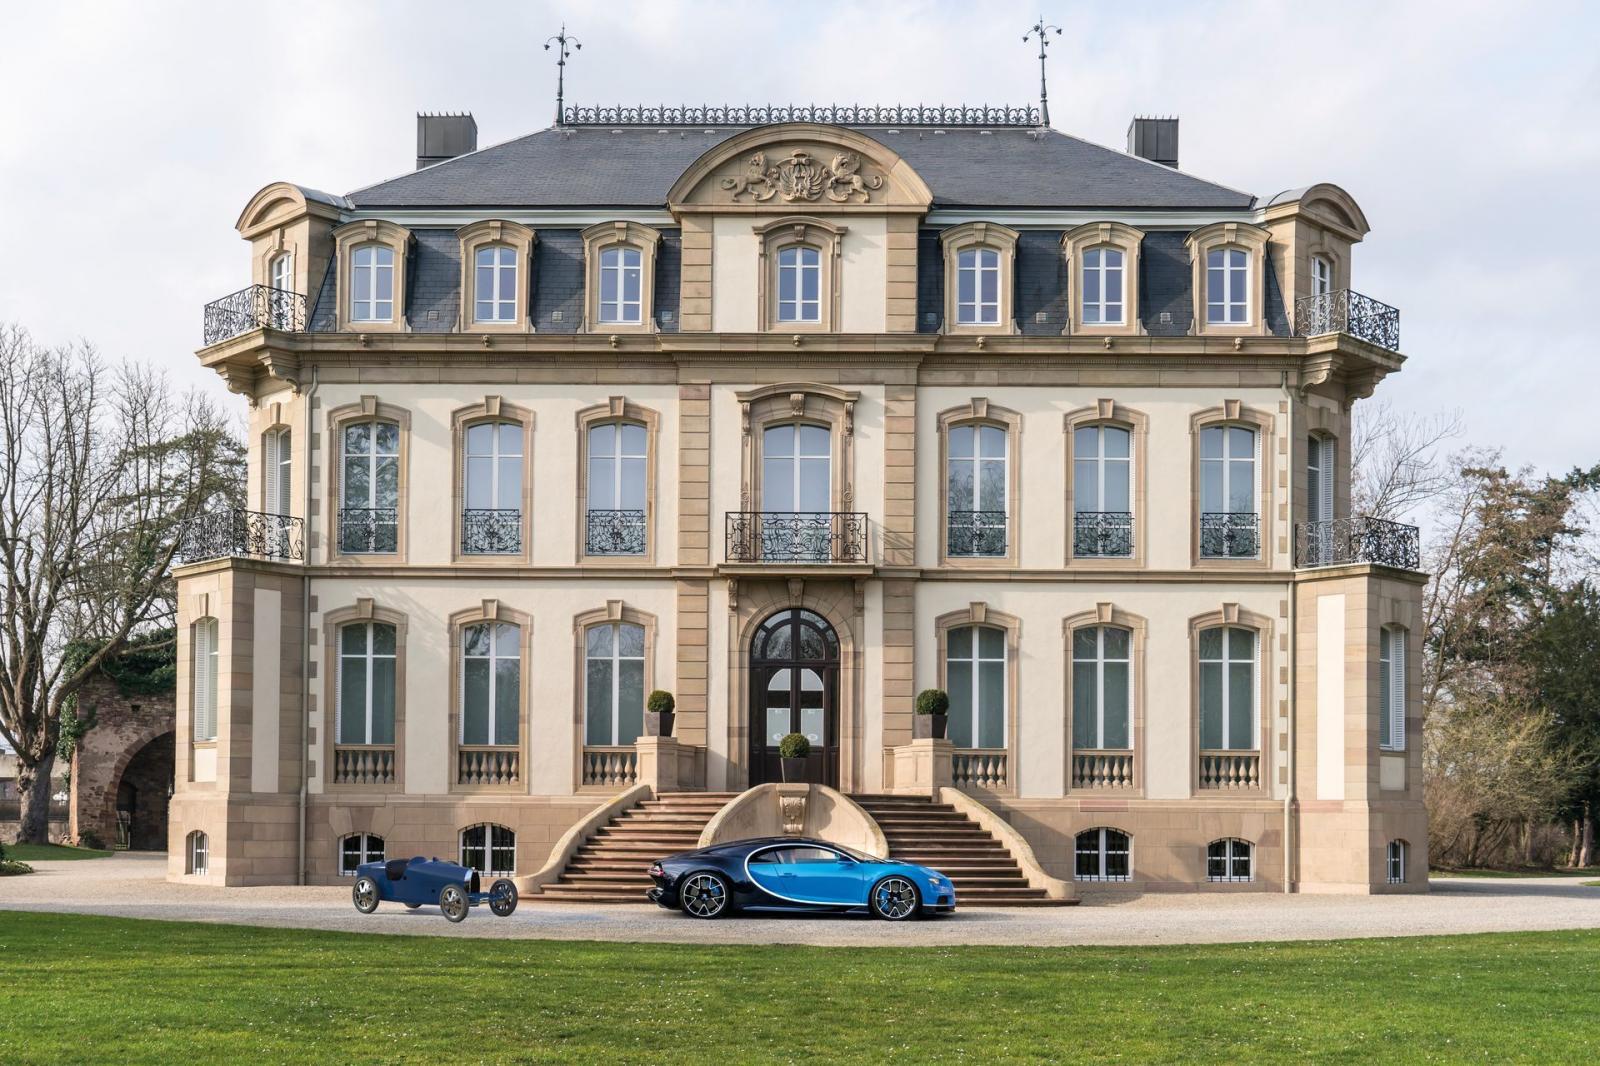 Solo se lanzarán 500 unidades del Bugatti Type 35 Baby II